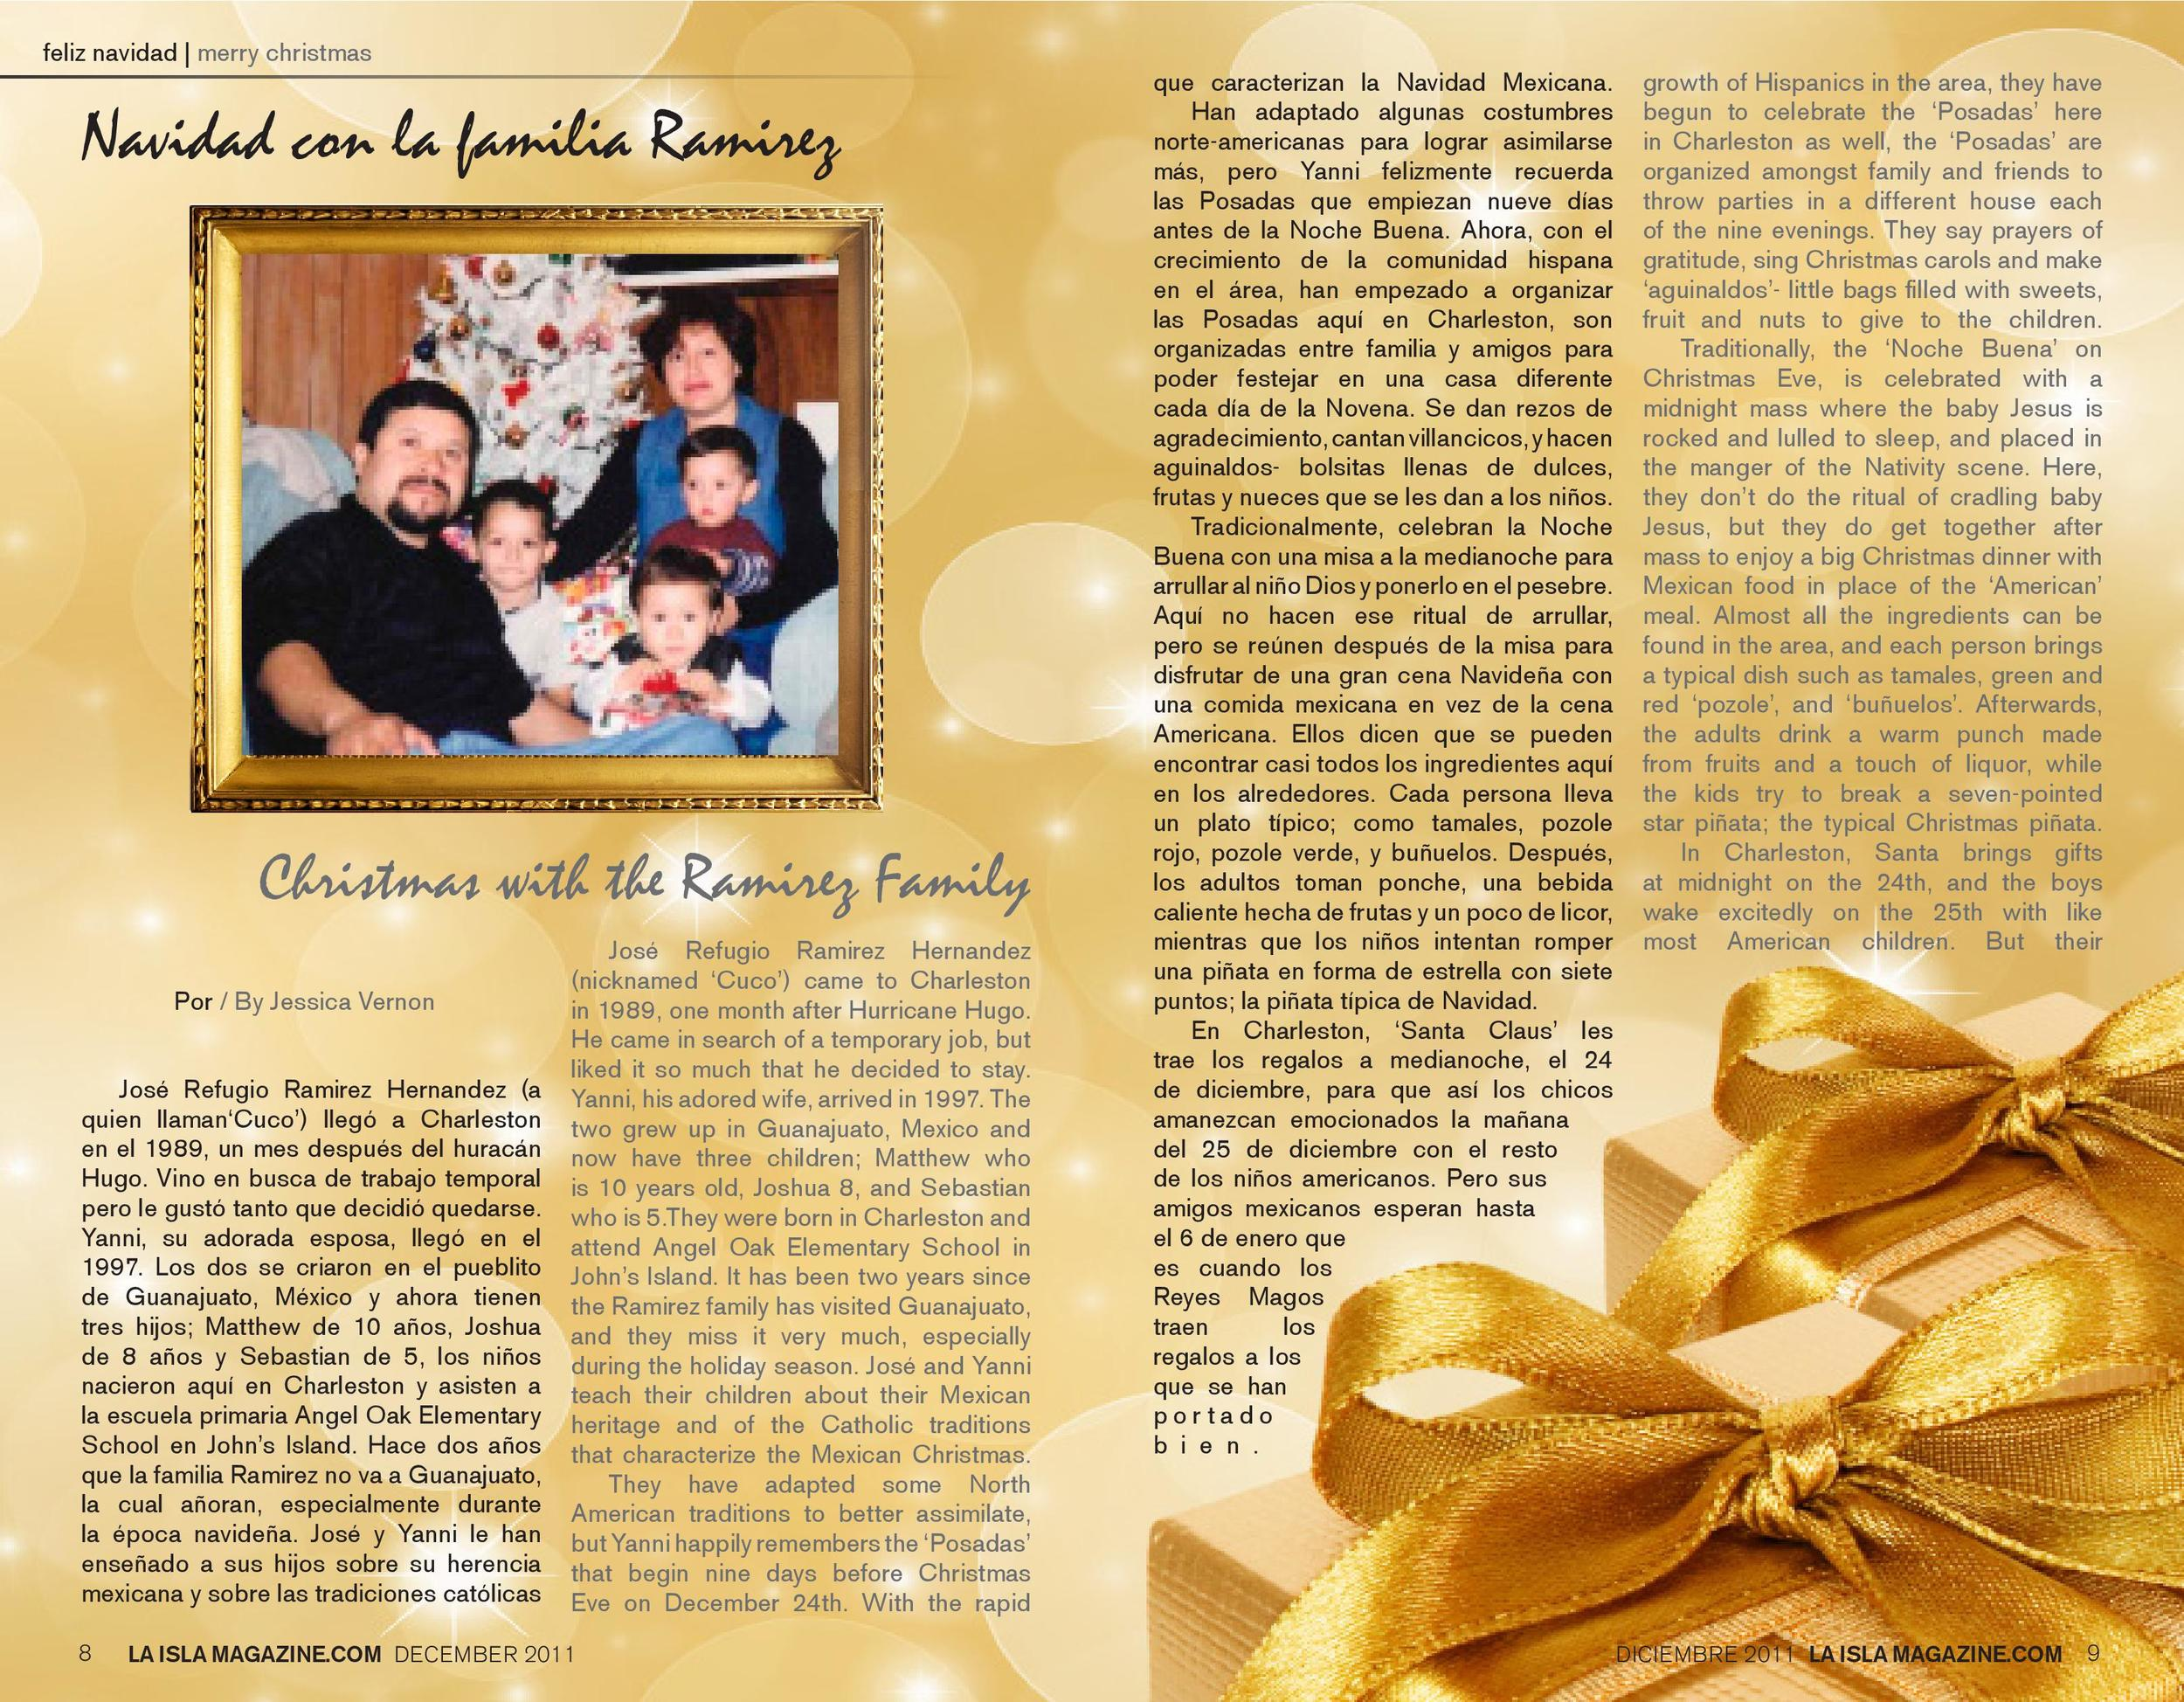 Diciembre, 2011: Navidad con la Familia Ramírez